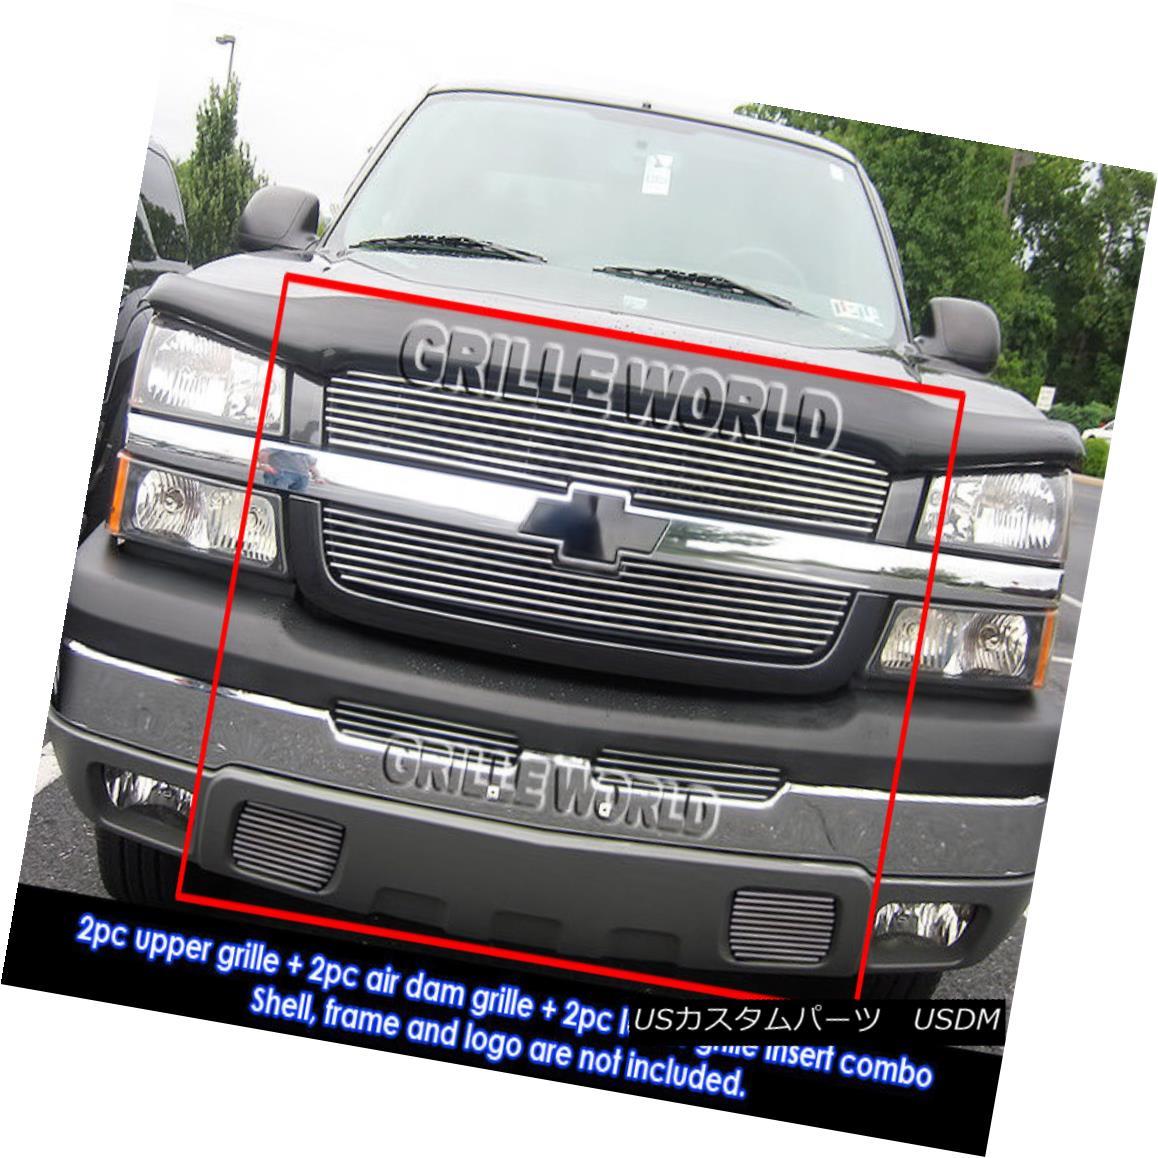 グリル For Chevy 03-05 Silverado 1500/03-04 2500 HD/Avalanche Billet Grille Grill Combo シェビー用03-05 Silverado 1500 / 03-04 2500 HD /アバランシェビレットグリルグリルコンボ